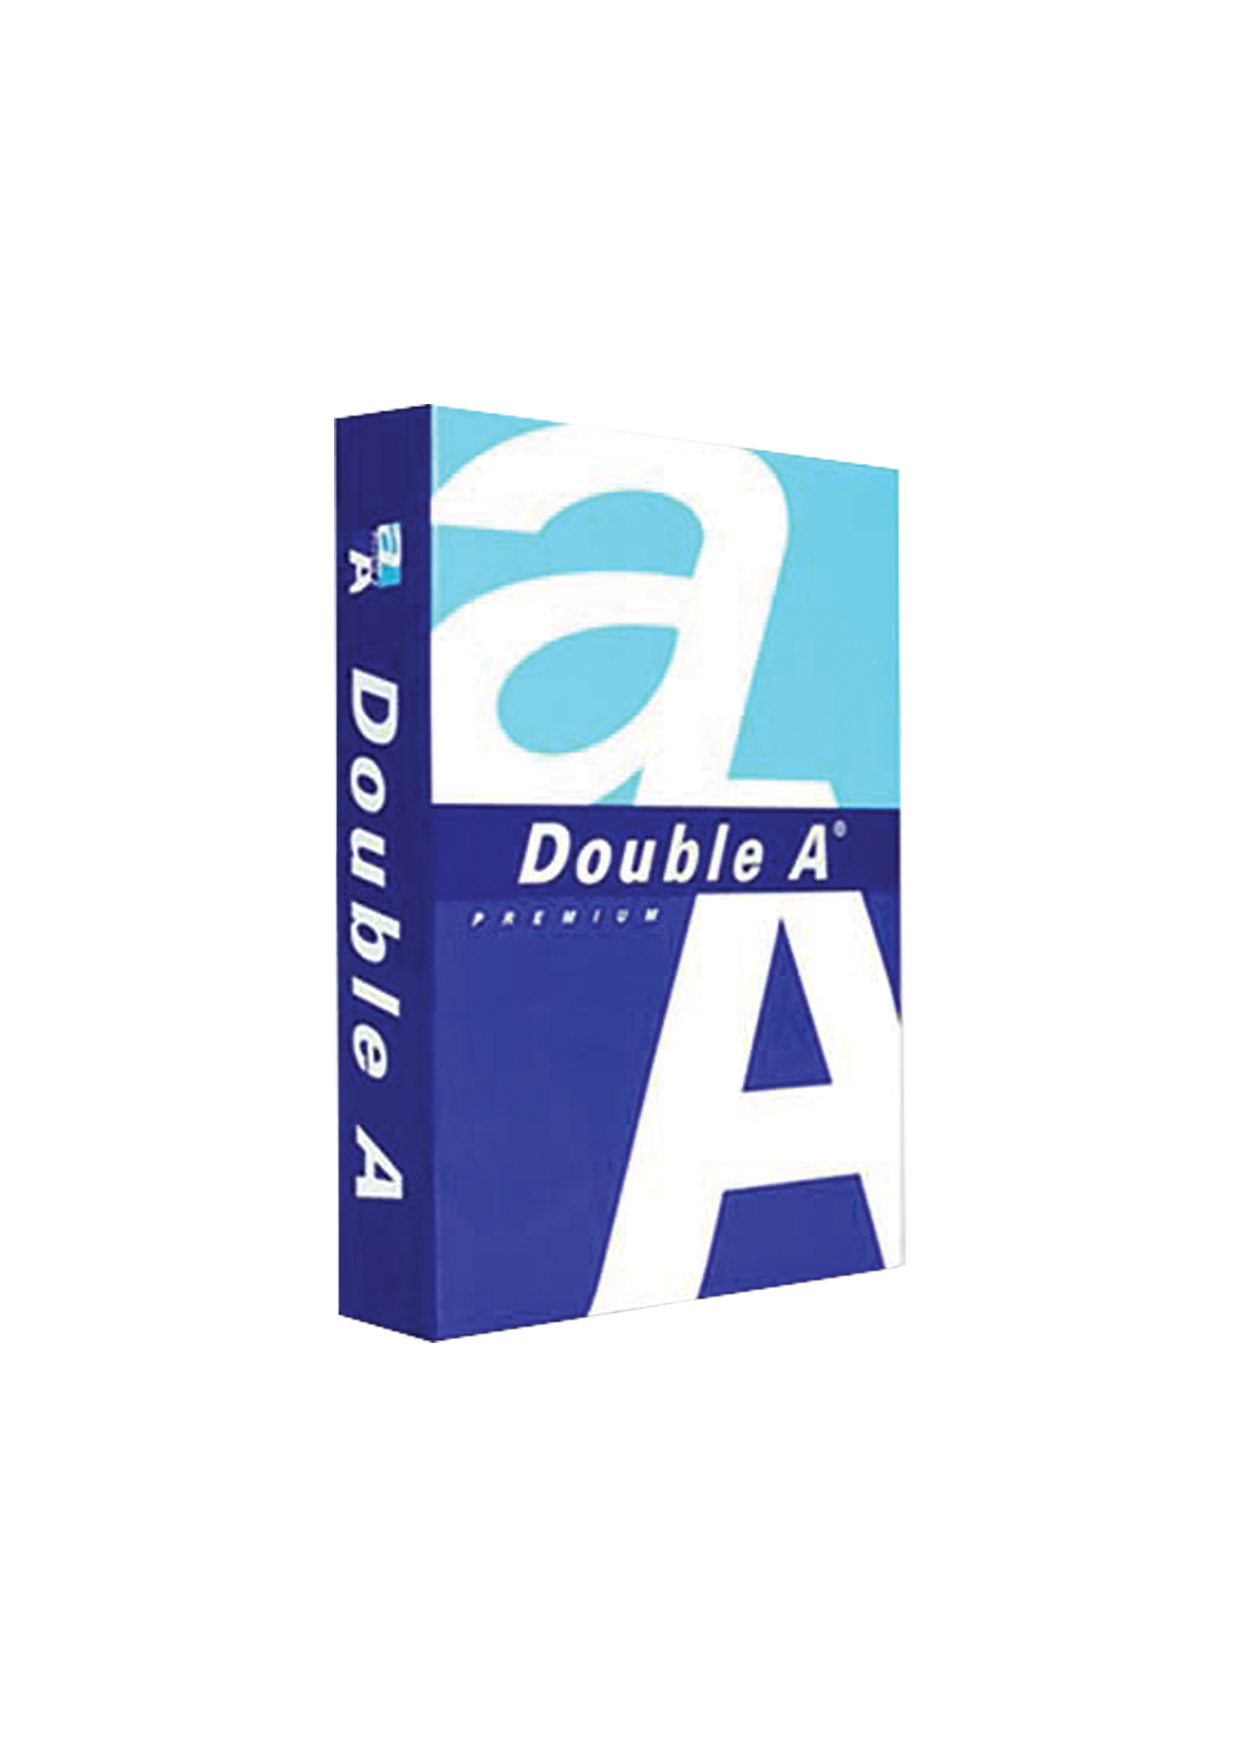 Хартия Double A Premium A3